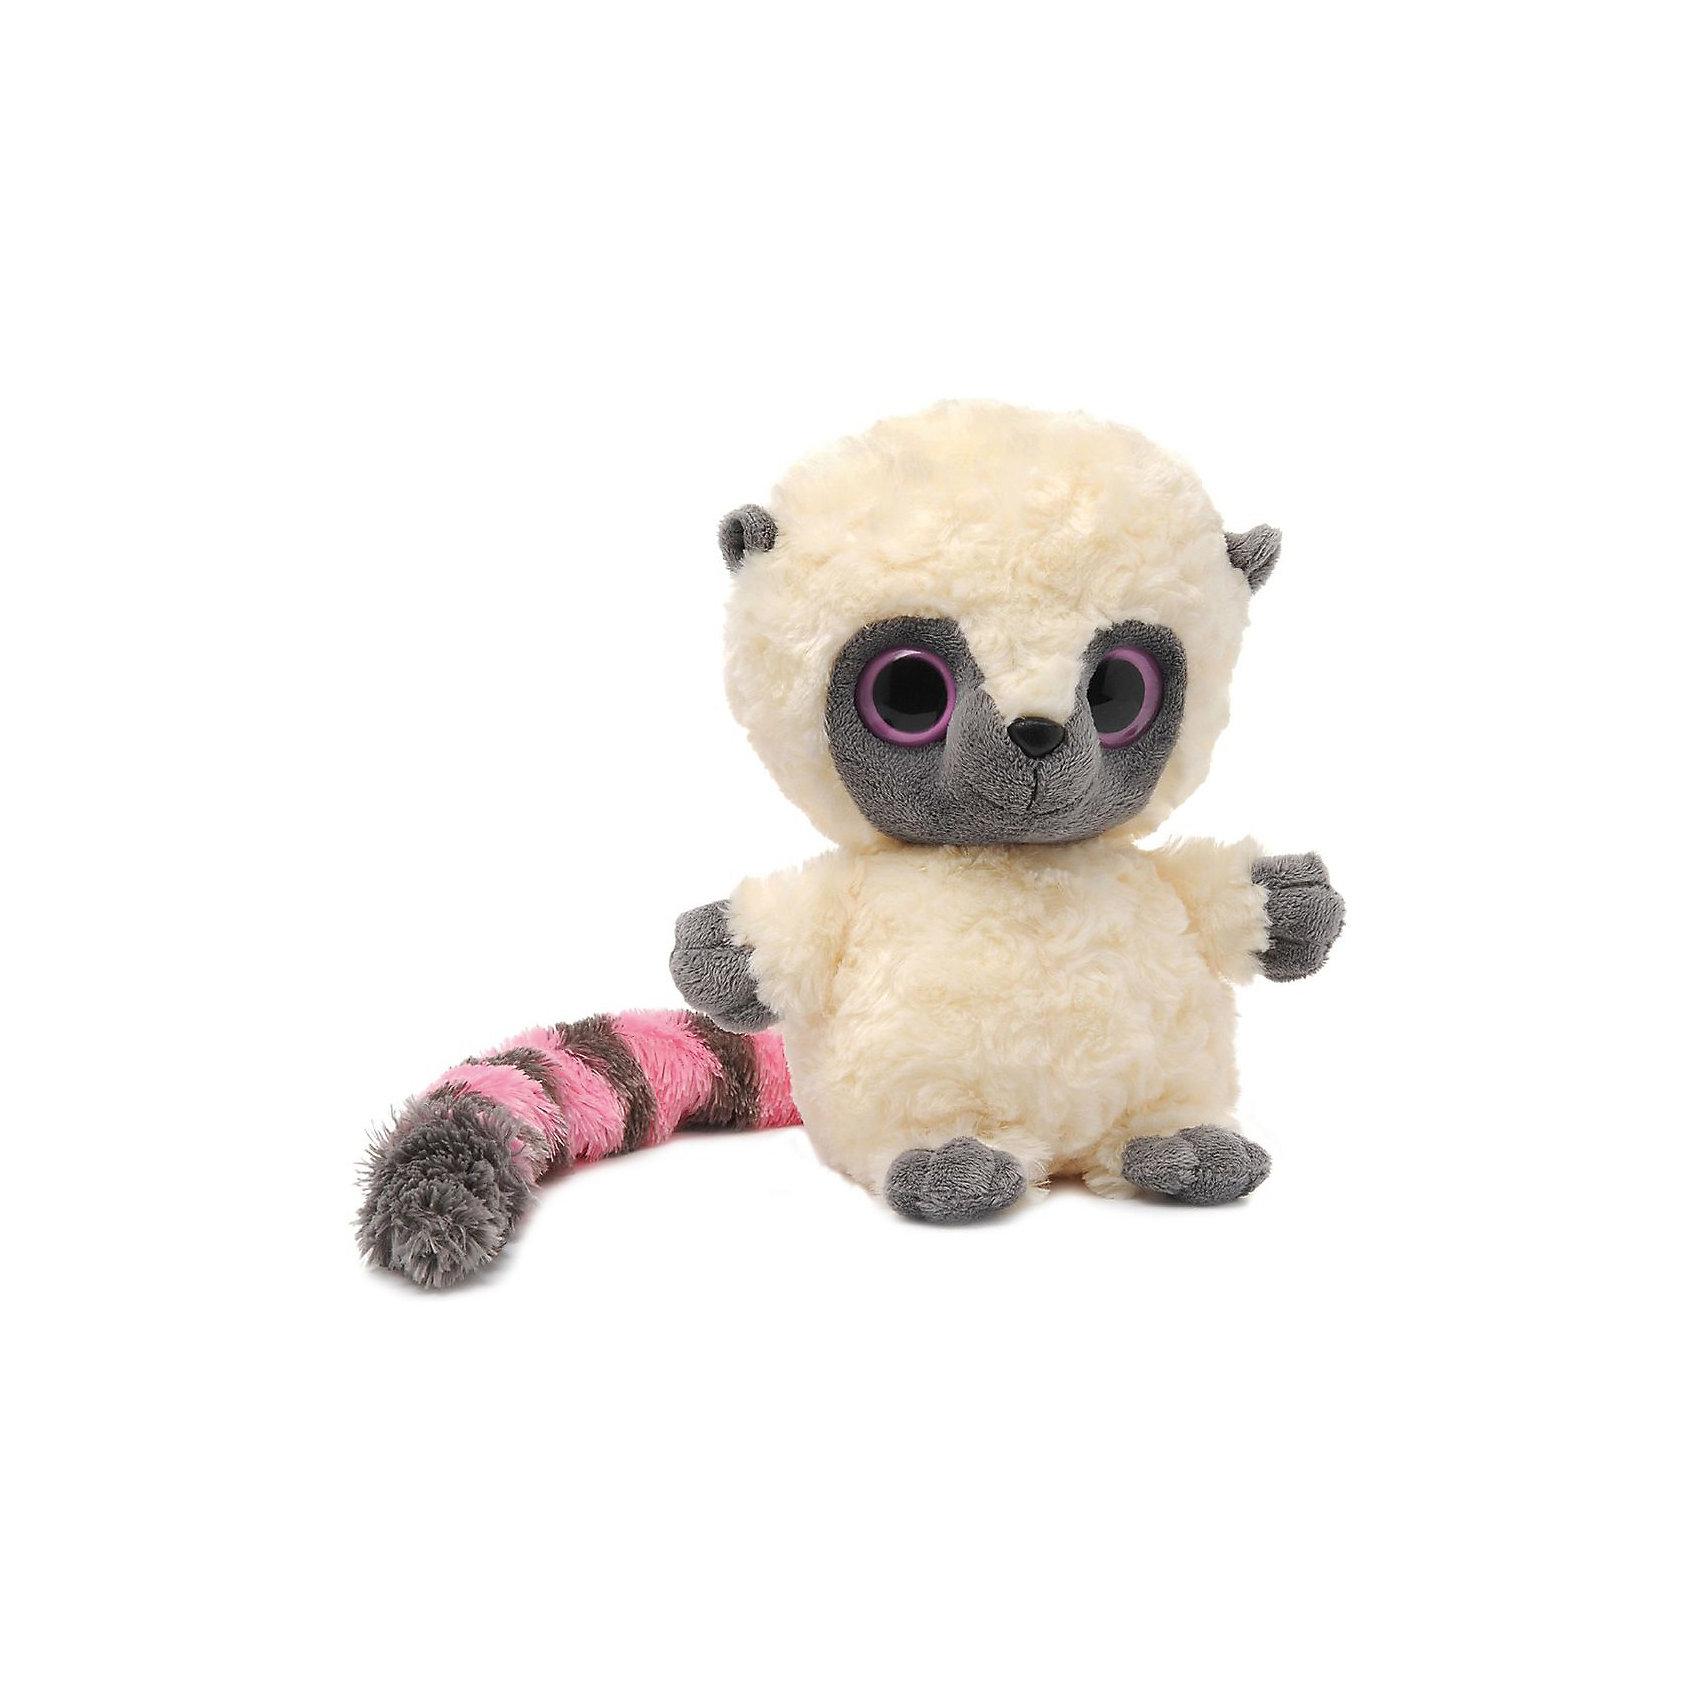 Юху розовый, 20см, AURORAЮху розовый, 20см, AURORA (Аврора) – это отличный подарок ребенку, поклоннику мультсериала Юху и его друзья. Лемур Юху, отважный лидер, добрый и справедливый.<br>Мягкая игрушка лемур Юху станет одной из самых любимых игрушек вашего ребенка. Шерстка лемура мягкая и шелковистая, поэтому ребенку будет очень приятно держать игрушку в руках. Большие выразительные глазки особенно нравятся детям. Длинный пушистый хвост делает игрушку еще более милой и забавной. Игрушка очень приятная на ощупь, содержат специальные пластмассовые гранулы, развивающие тактильные навыки у детей младшего возраста.<br>Игрушка изготовлена из высококачественного плюша, набивка - гипоаллергенный синтепон. Яркие и стойкие цвета приятны для глаз. Не стоит расстраиваться, если малыш ненароком испачкал своего плюшевого друга, ведь игрушку можно стирать, разрешена машинная и ручная стирка. Производители заботятся о безопасности вашего малыша, поэтому пластмассовые глаза надежно прикреплены к мордочке лемура. Ребенок может разыгрывать любые сюжеты, благодаря чему у него будет развиваться фантазия, воображение, а также навыки сюжетно-ролевой игры.<br><br>Дополнительная информация:<br><br>- Материалы: плюш, синтепон<br>- Размер: 20 х 12 х 11 см.<br>- Вес: 229 гр.<br><br>Юху розового, 20см, AURORA (Аврора) можно купить в нашем интернет-магазине.<br><br>Ширина мм: 180<br>Глубина мм: 140<br>Высота мм: 110<br>Вес г: 229<br>Возраст от месяцев: 36<br>Возраст до месяцев: 120<br>Пол: Унисекс<br>Возраст: Детский<br>SKU: 3624959